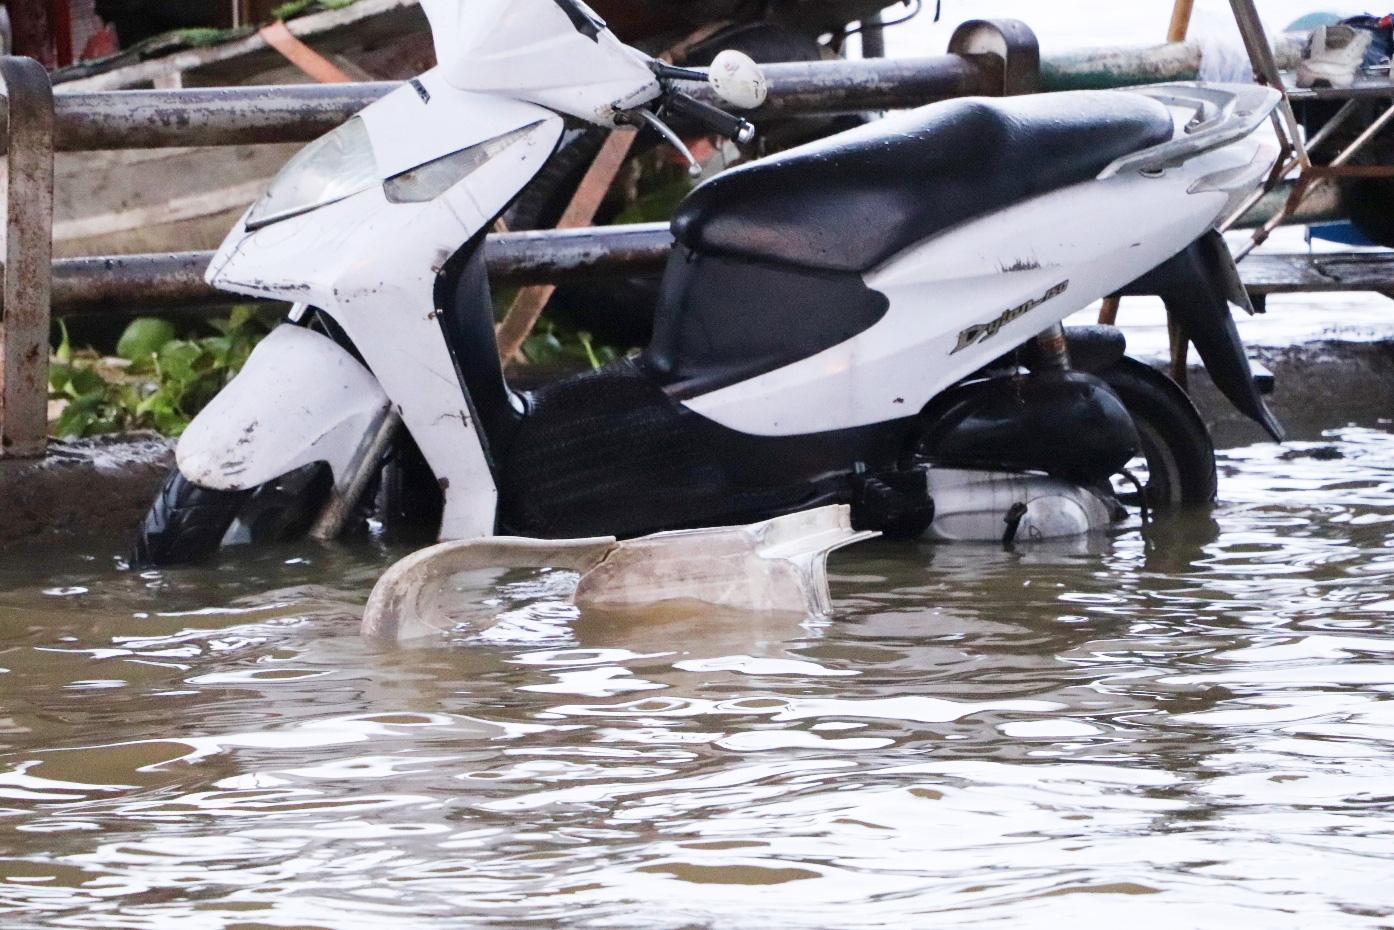 Hết dầm mưa liên tiếp, dân Sài Gòn lại khốn khổ vì triều cường đạt đỉnh, bì bõm dắt xe qua đường ngập - Ảnh 14.